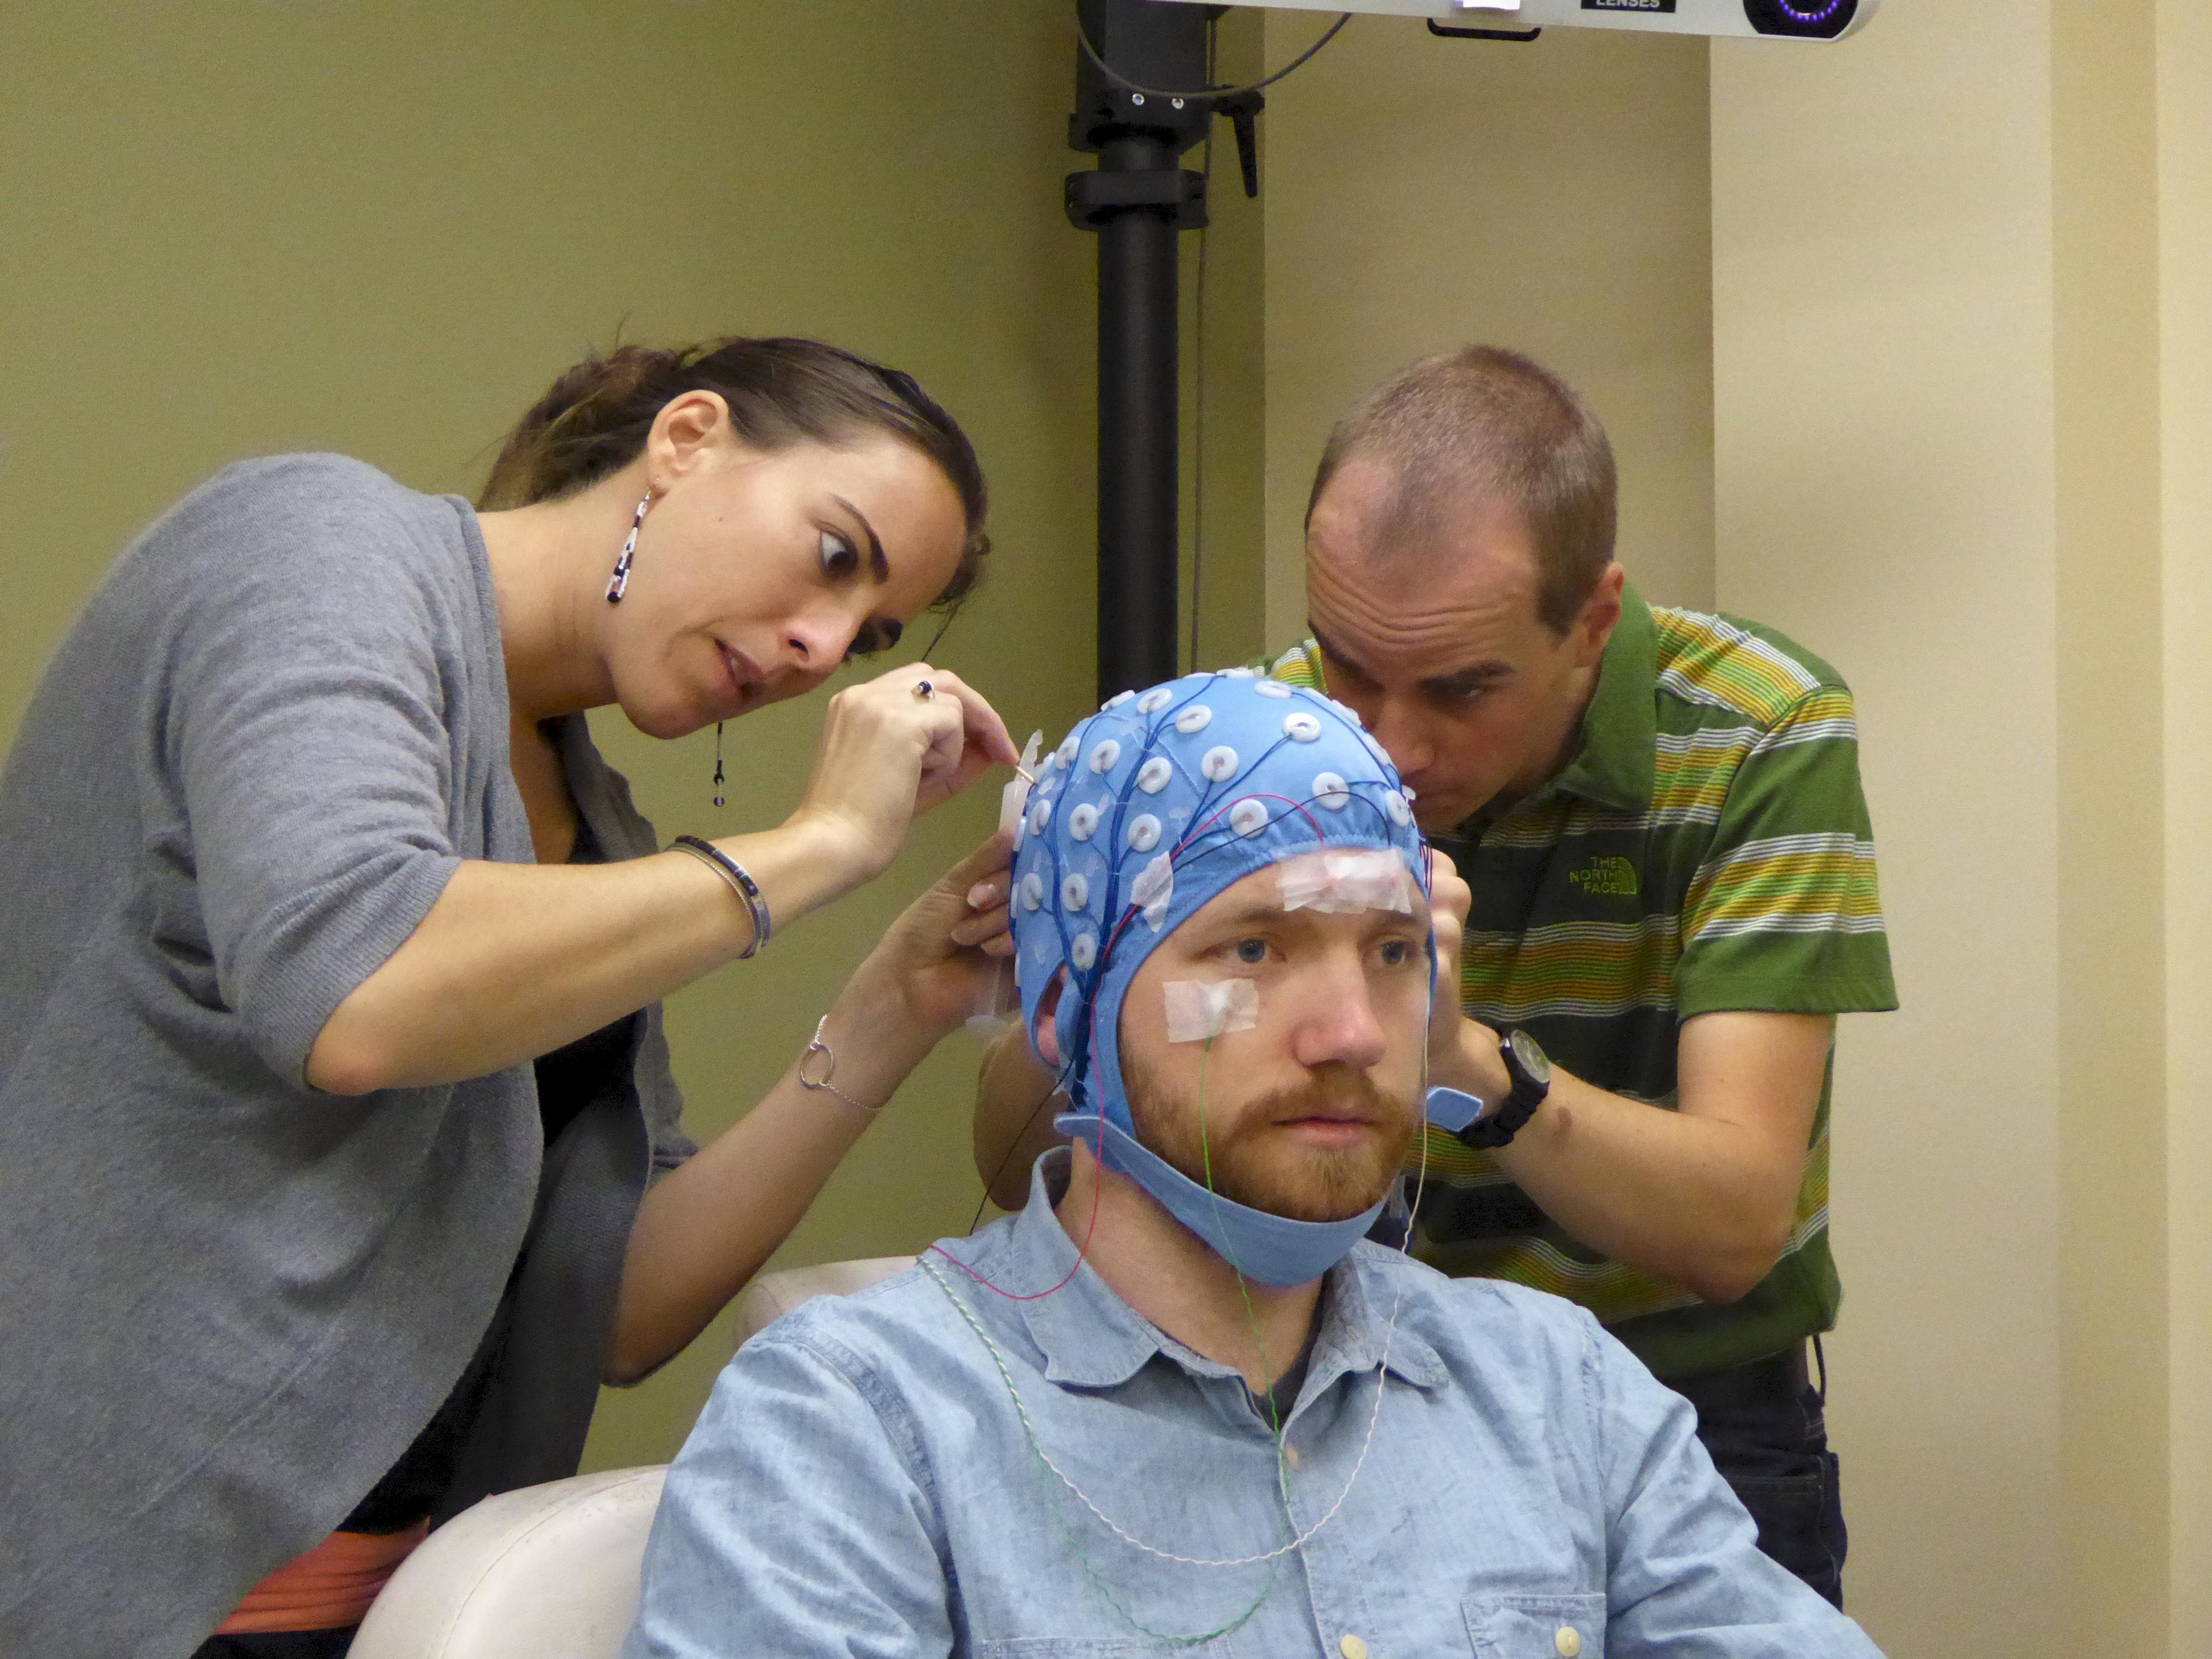 Tutkijat Olivia Gosseries ja Jaakko Nieminen valmistelevat koehenkilöä (Bjørn Erik Juel) mittausta varten. Valokuva: Johan Frederik Storm